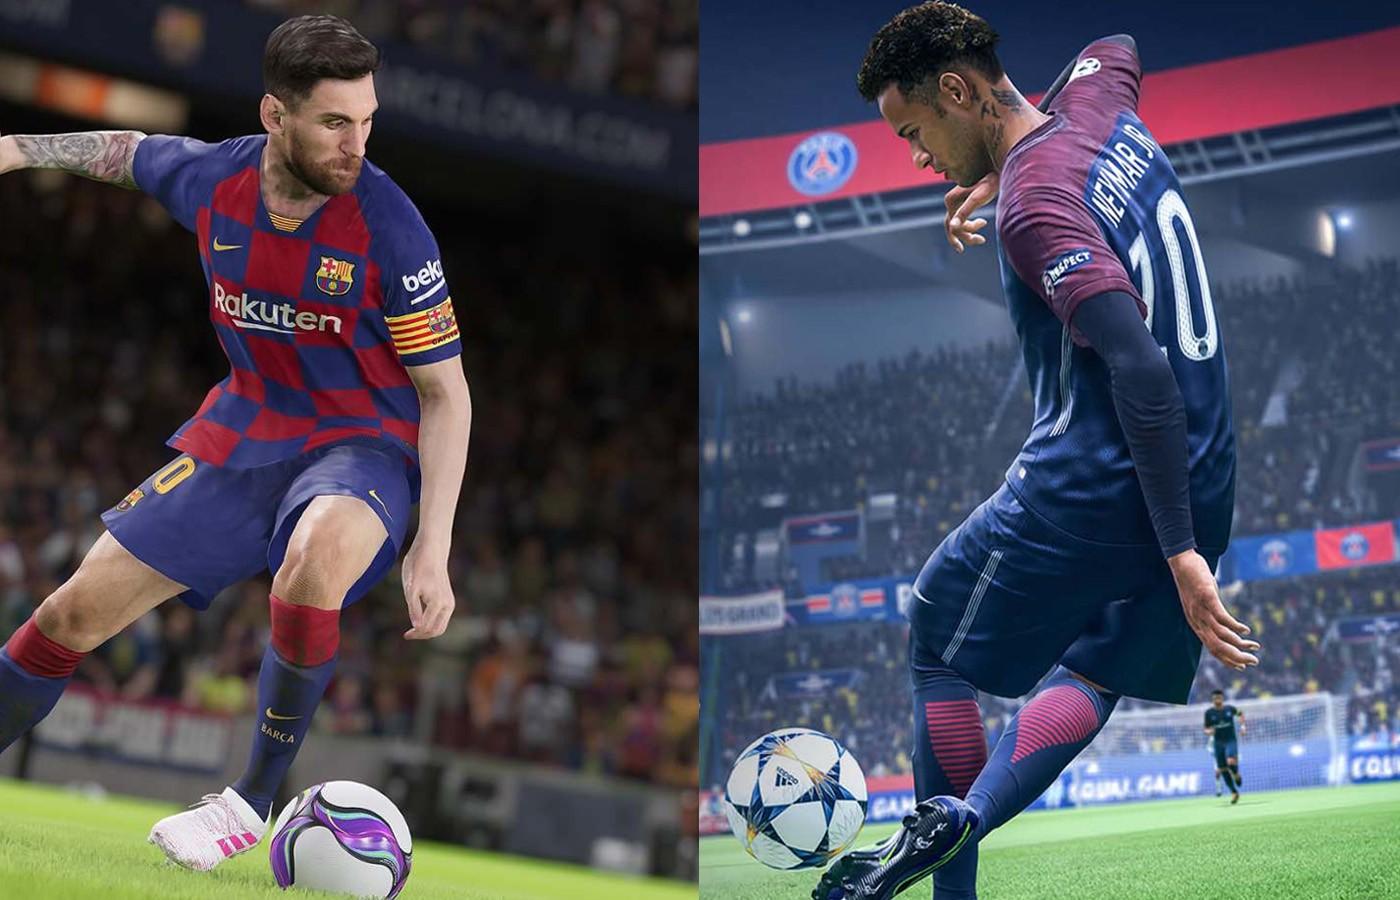 Circuito de futebol virtual reúne jogadores do RS em torneio de vídeo game